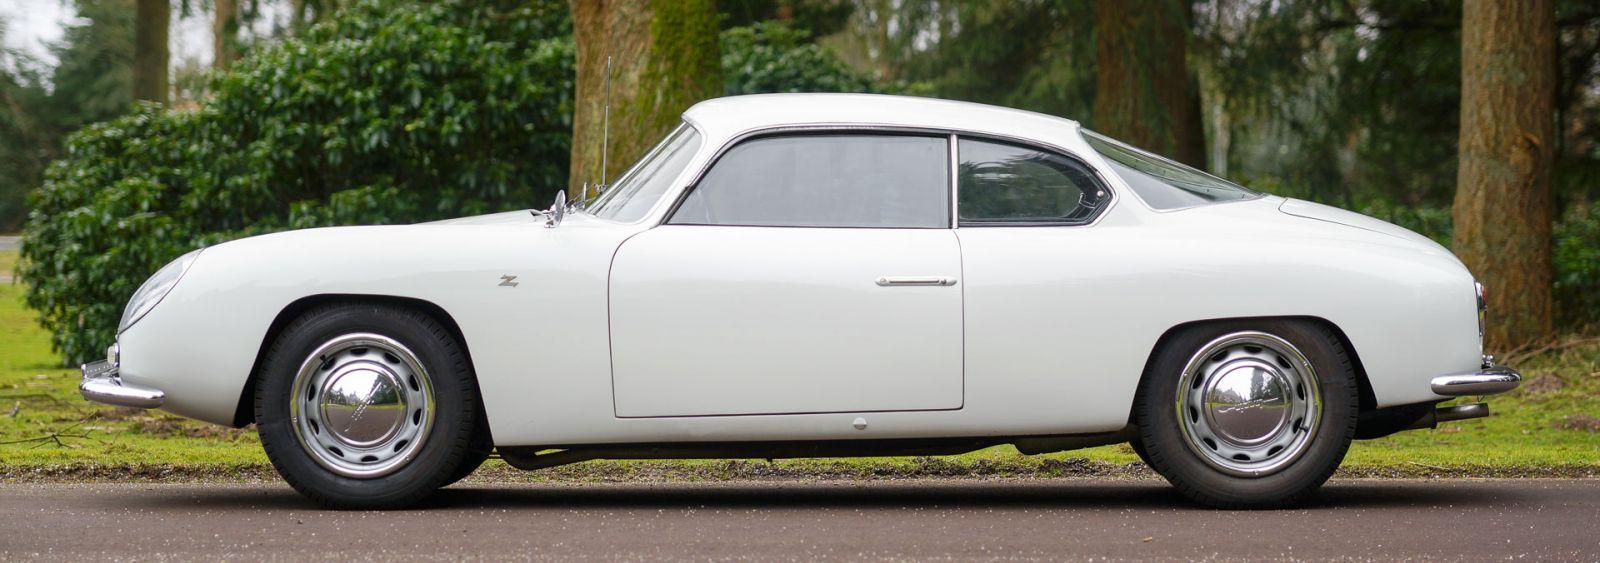 Lancia Appia GTE Zagato, 1959 - Welcome to ClassiCarGarage